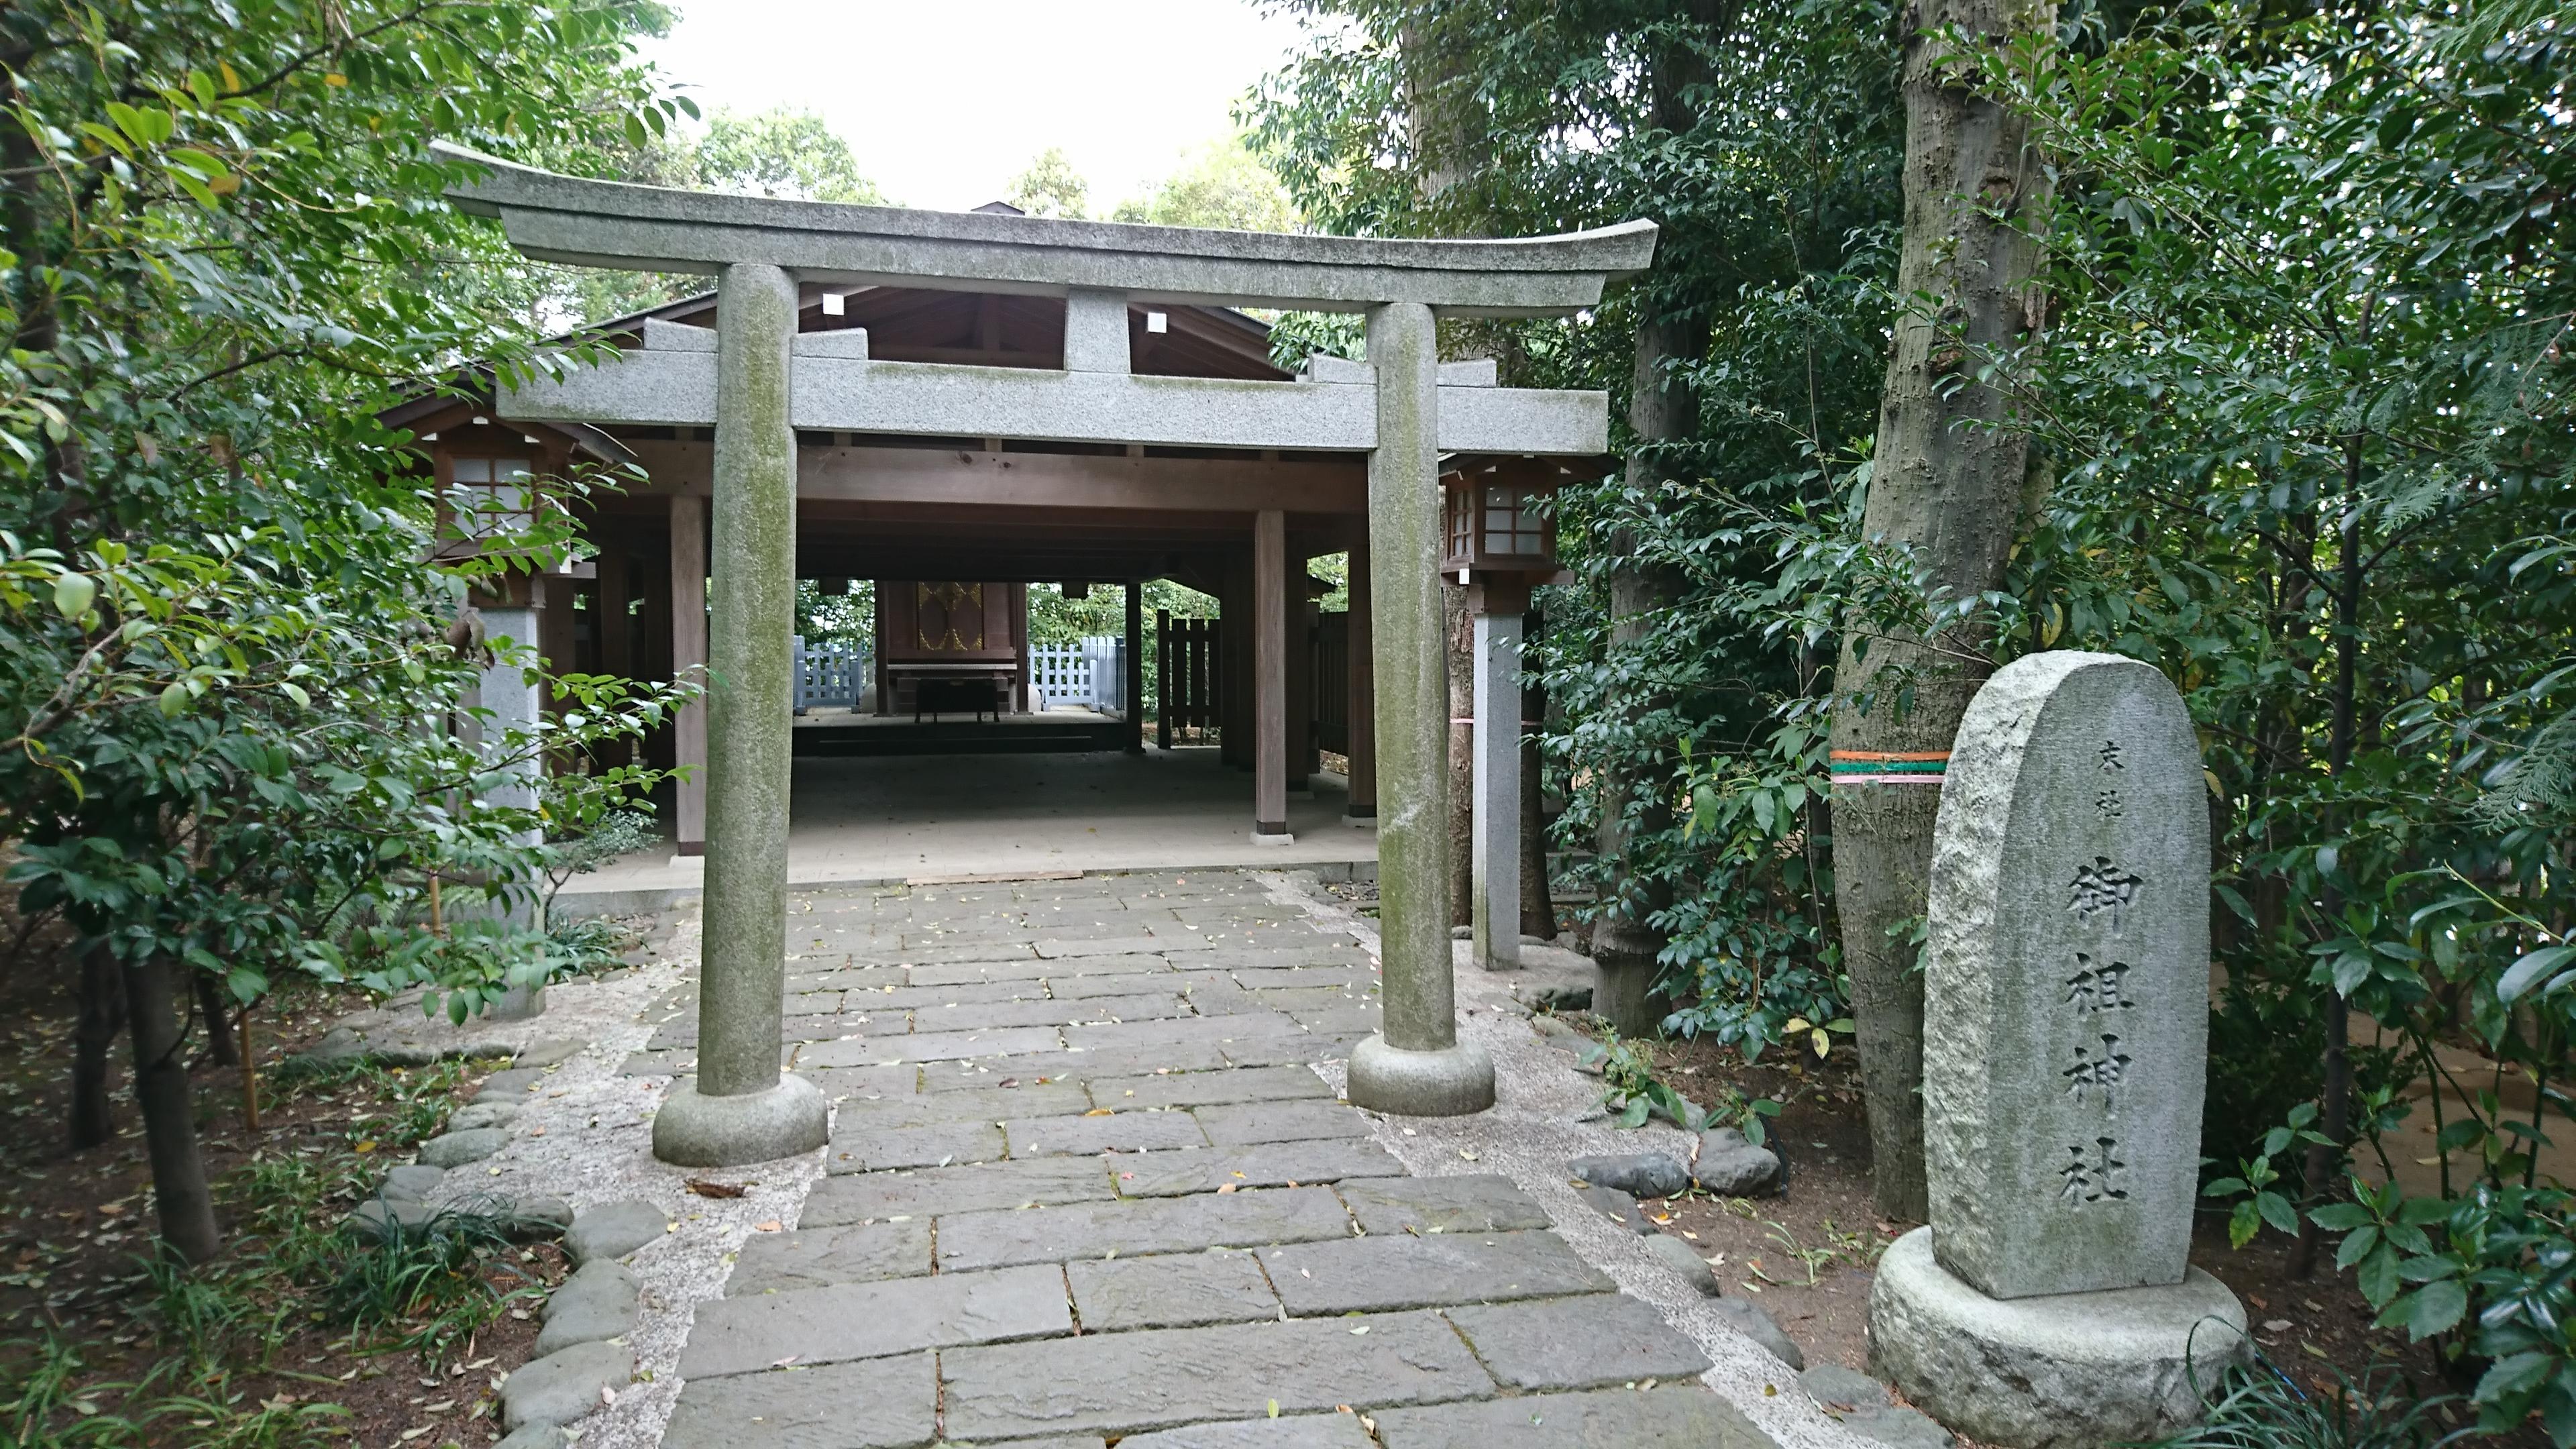 寒川神社の神嶽山神苑にある末社御祖神社